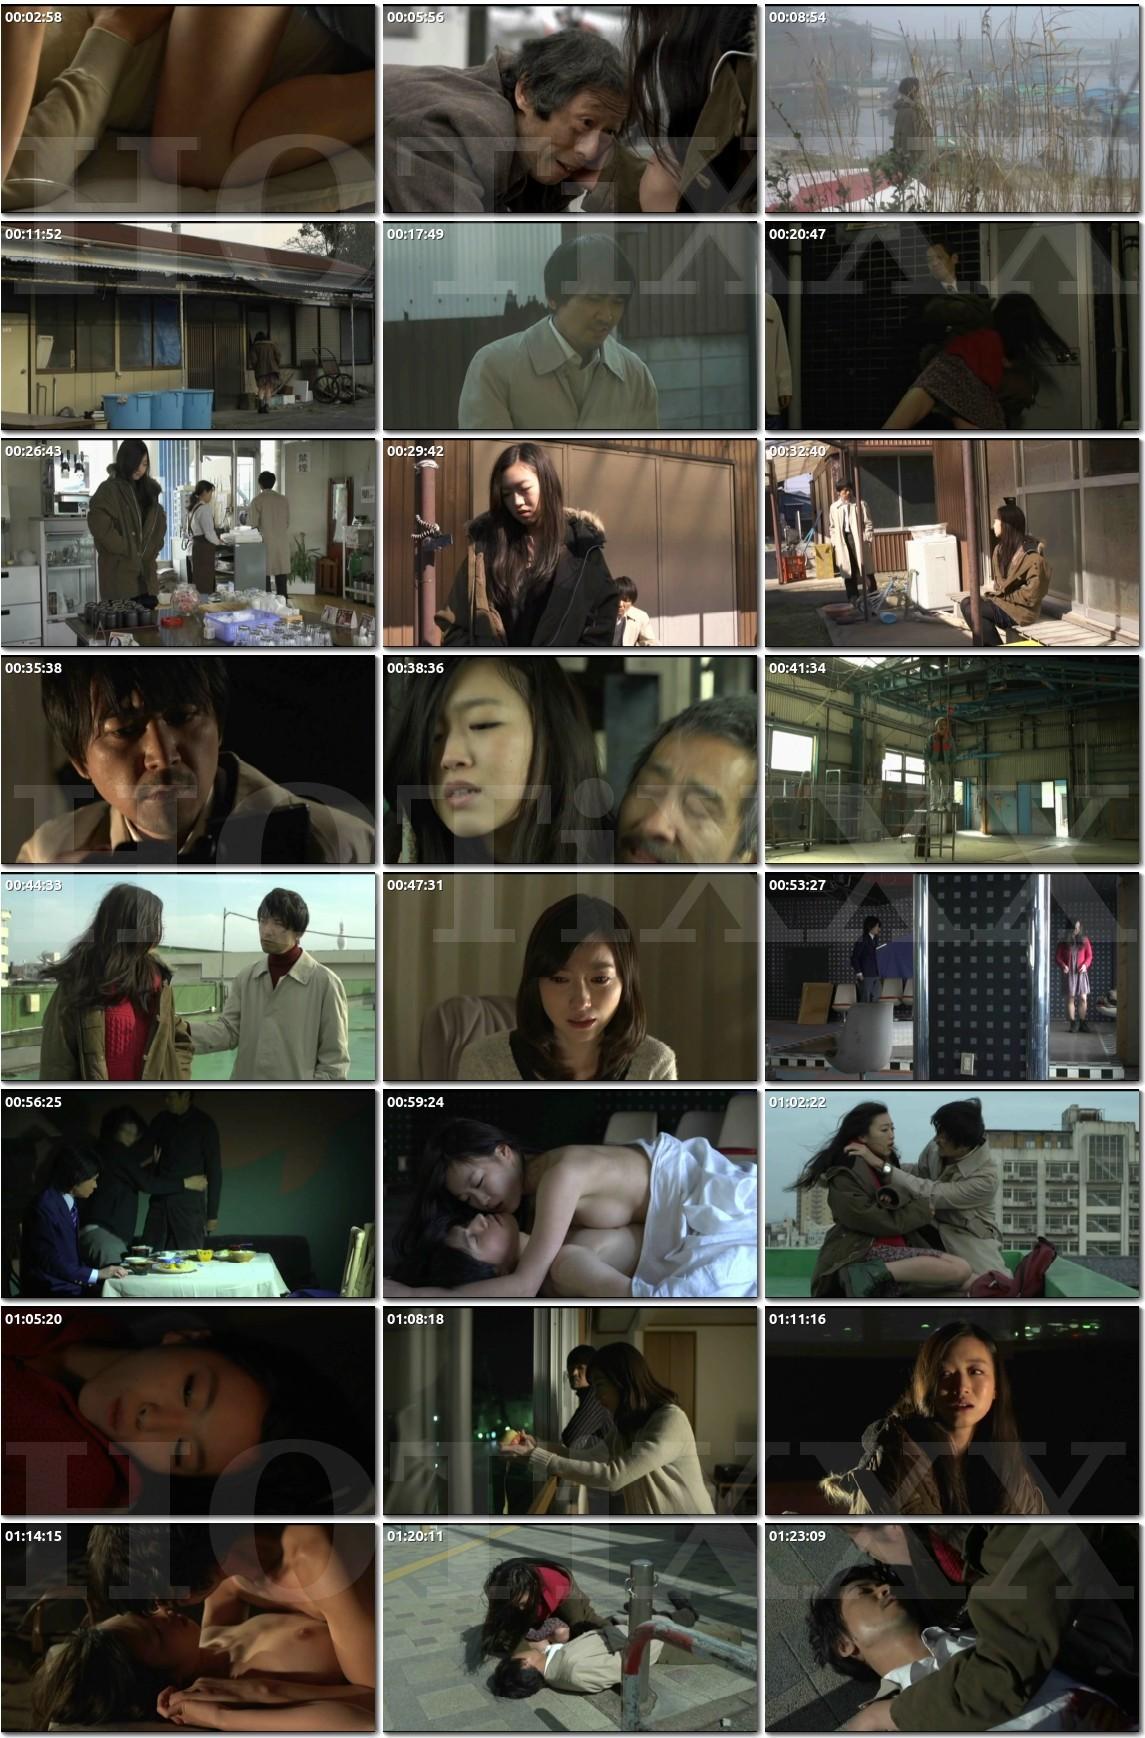 Азиатские порно эротика фильмы 134